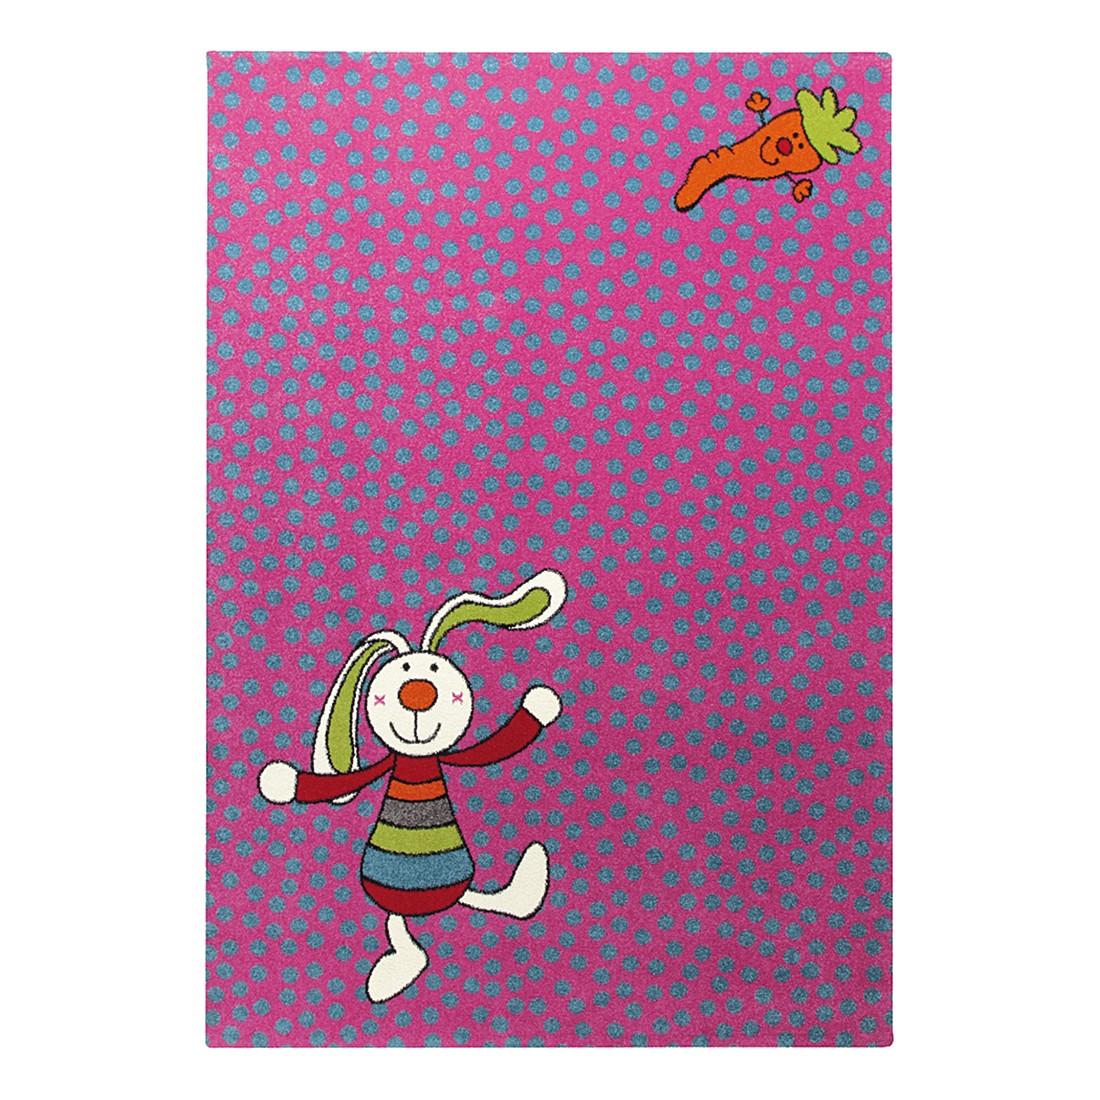 Kinderteppich Rainbow Rabbit – Pink – 133 x 200 cm, Sigikid online bestellen